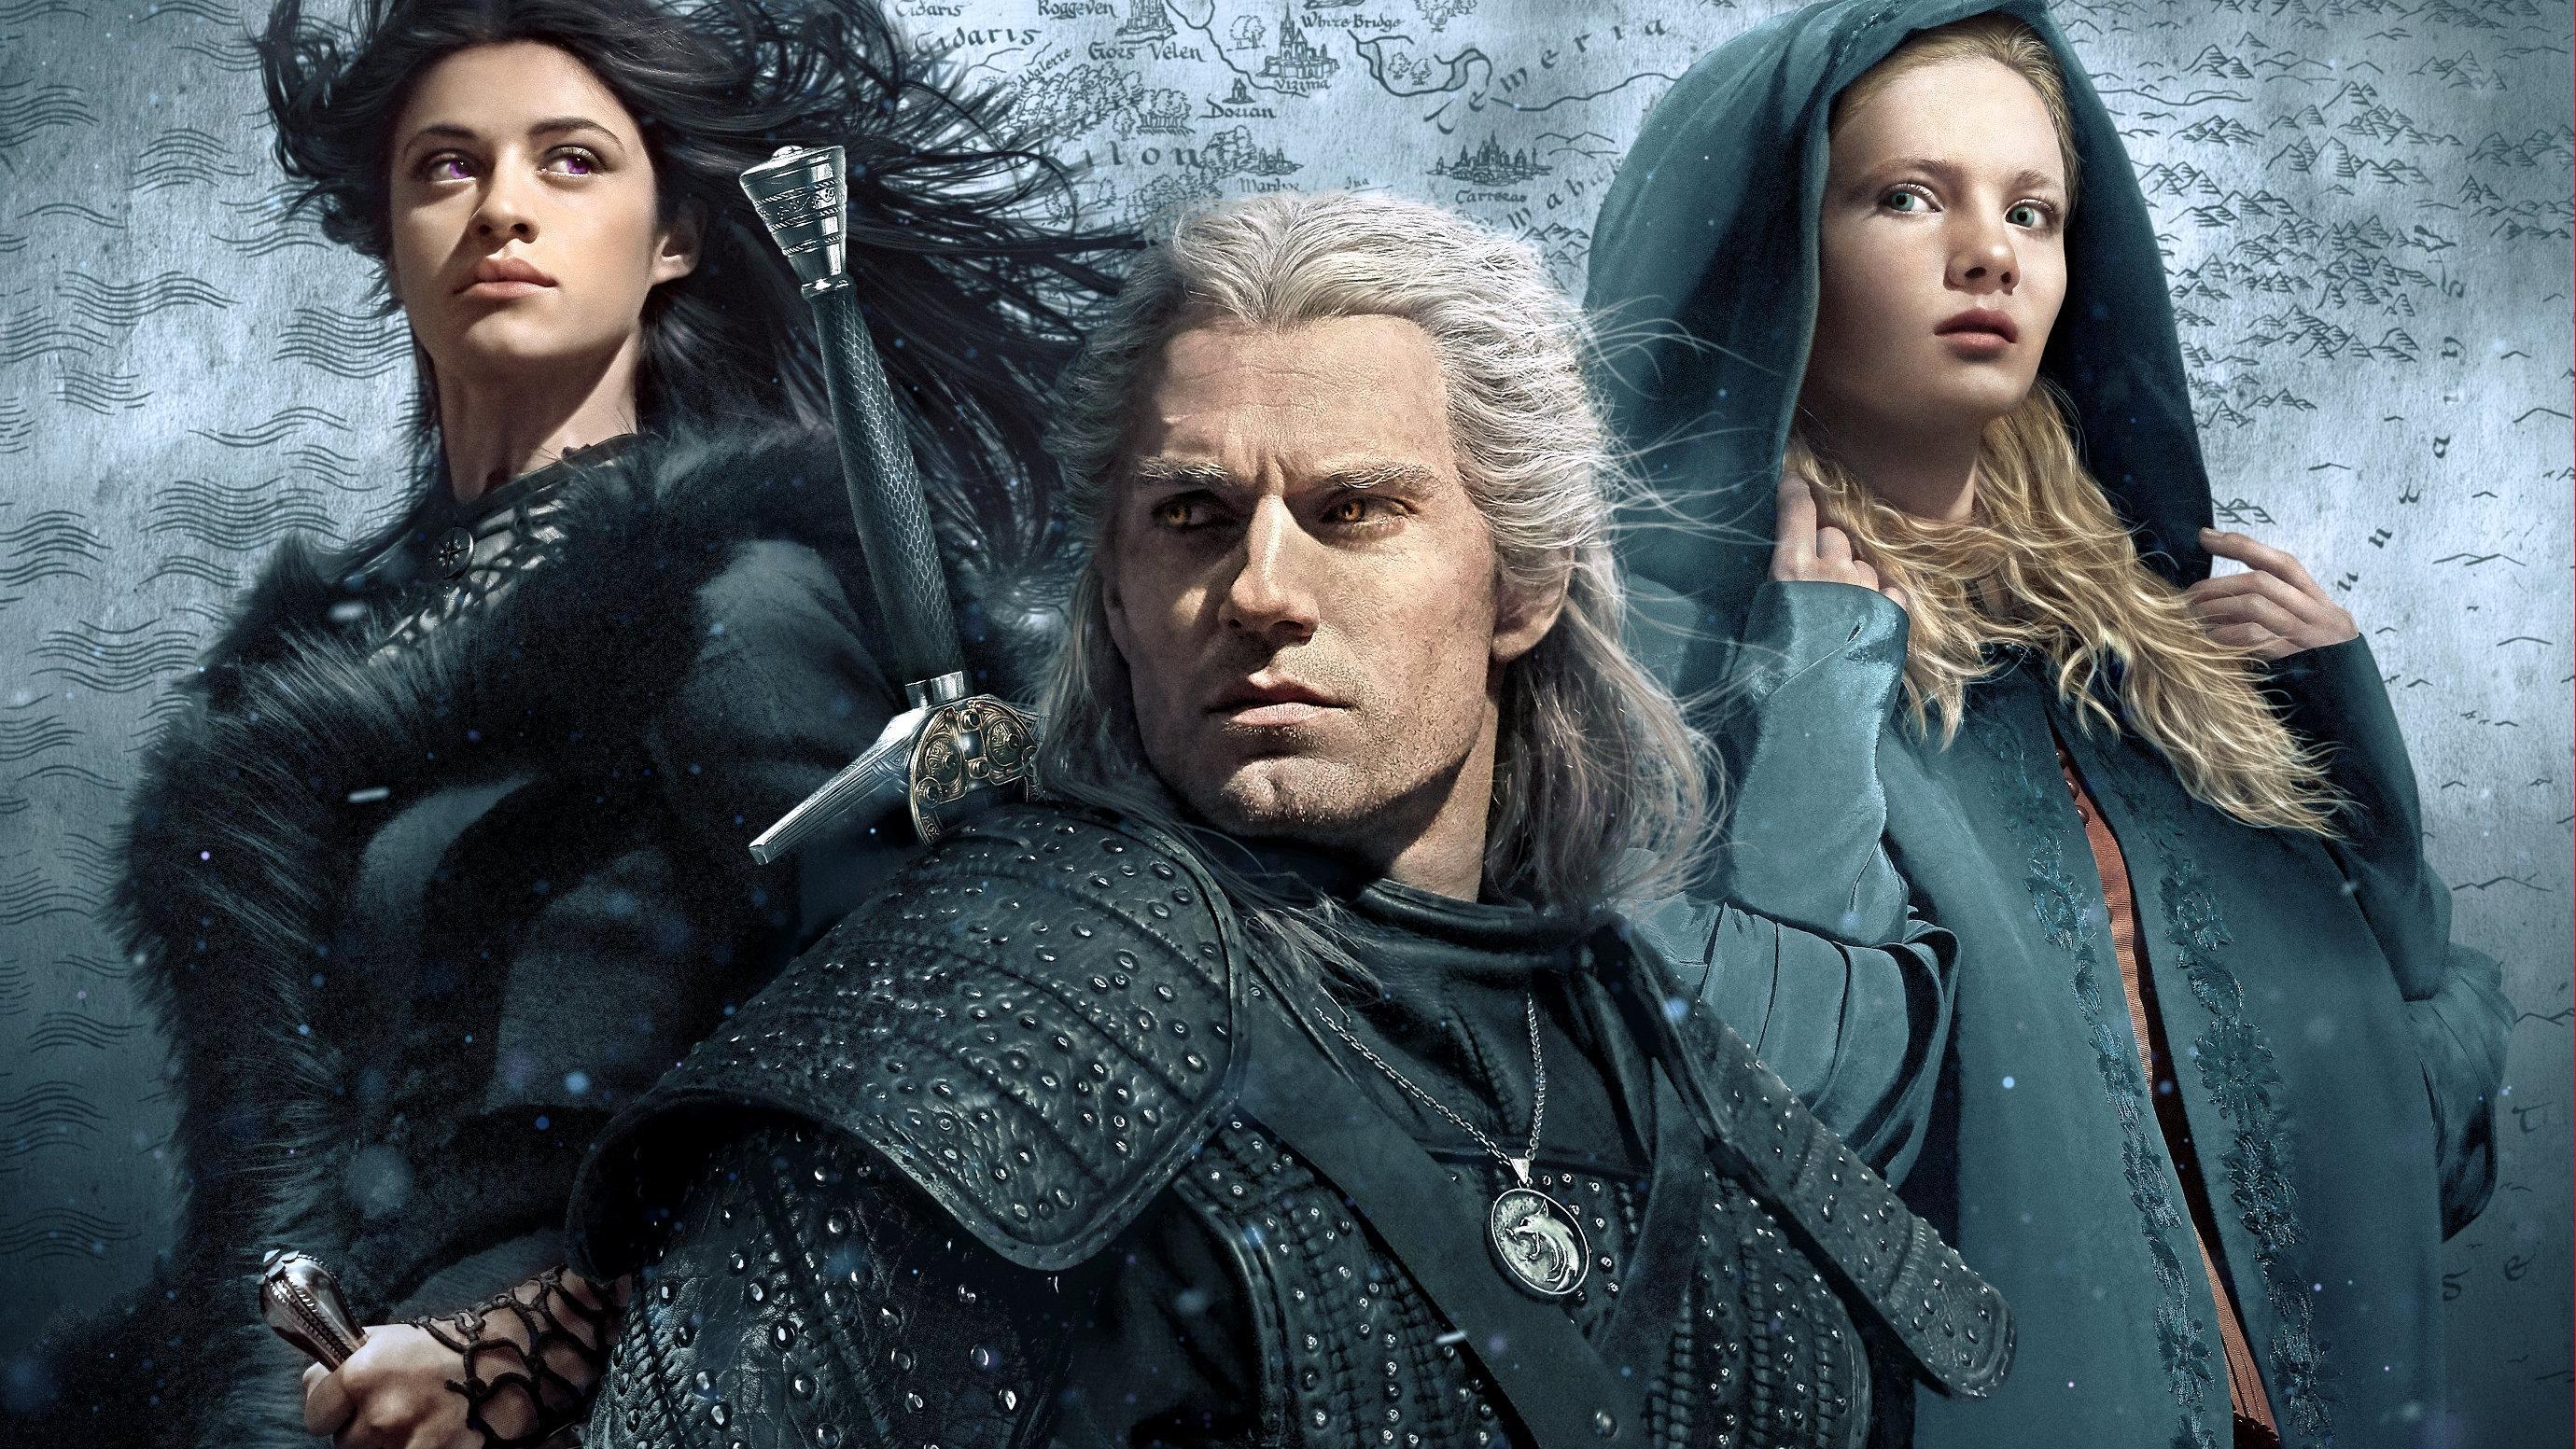 The Witcher har vært en av de mest populære seriene basert på spill på Netflix. Nå kan det se ut som om Netflix kommer til å satse ordentlig på spill.